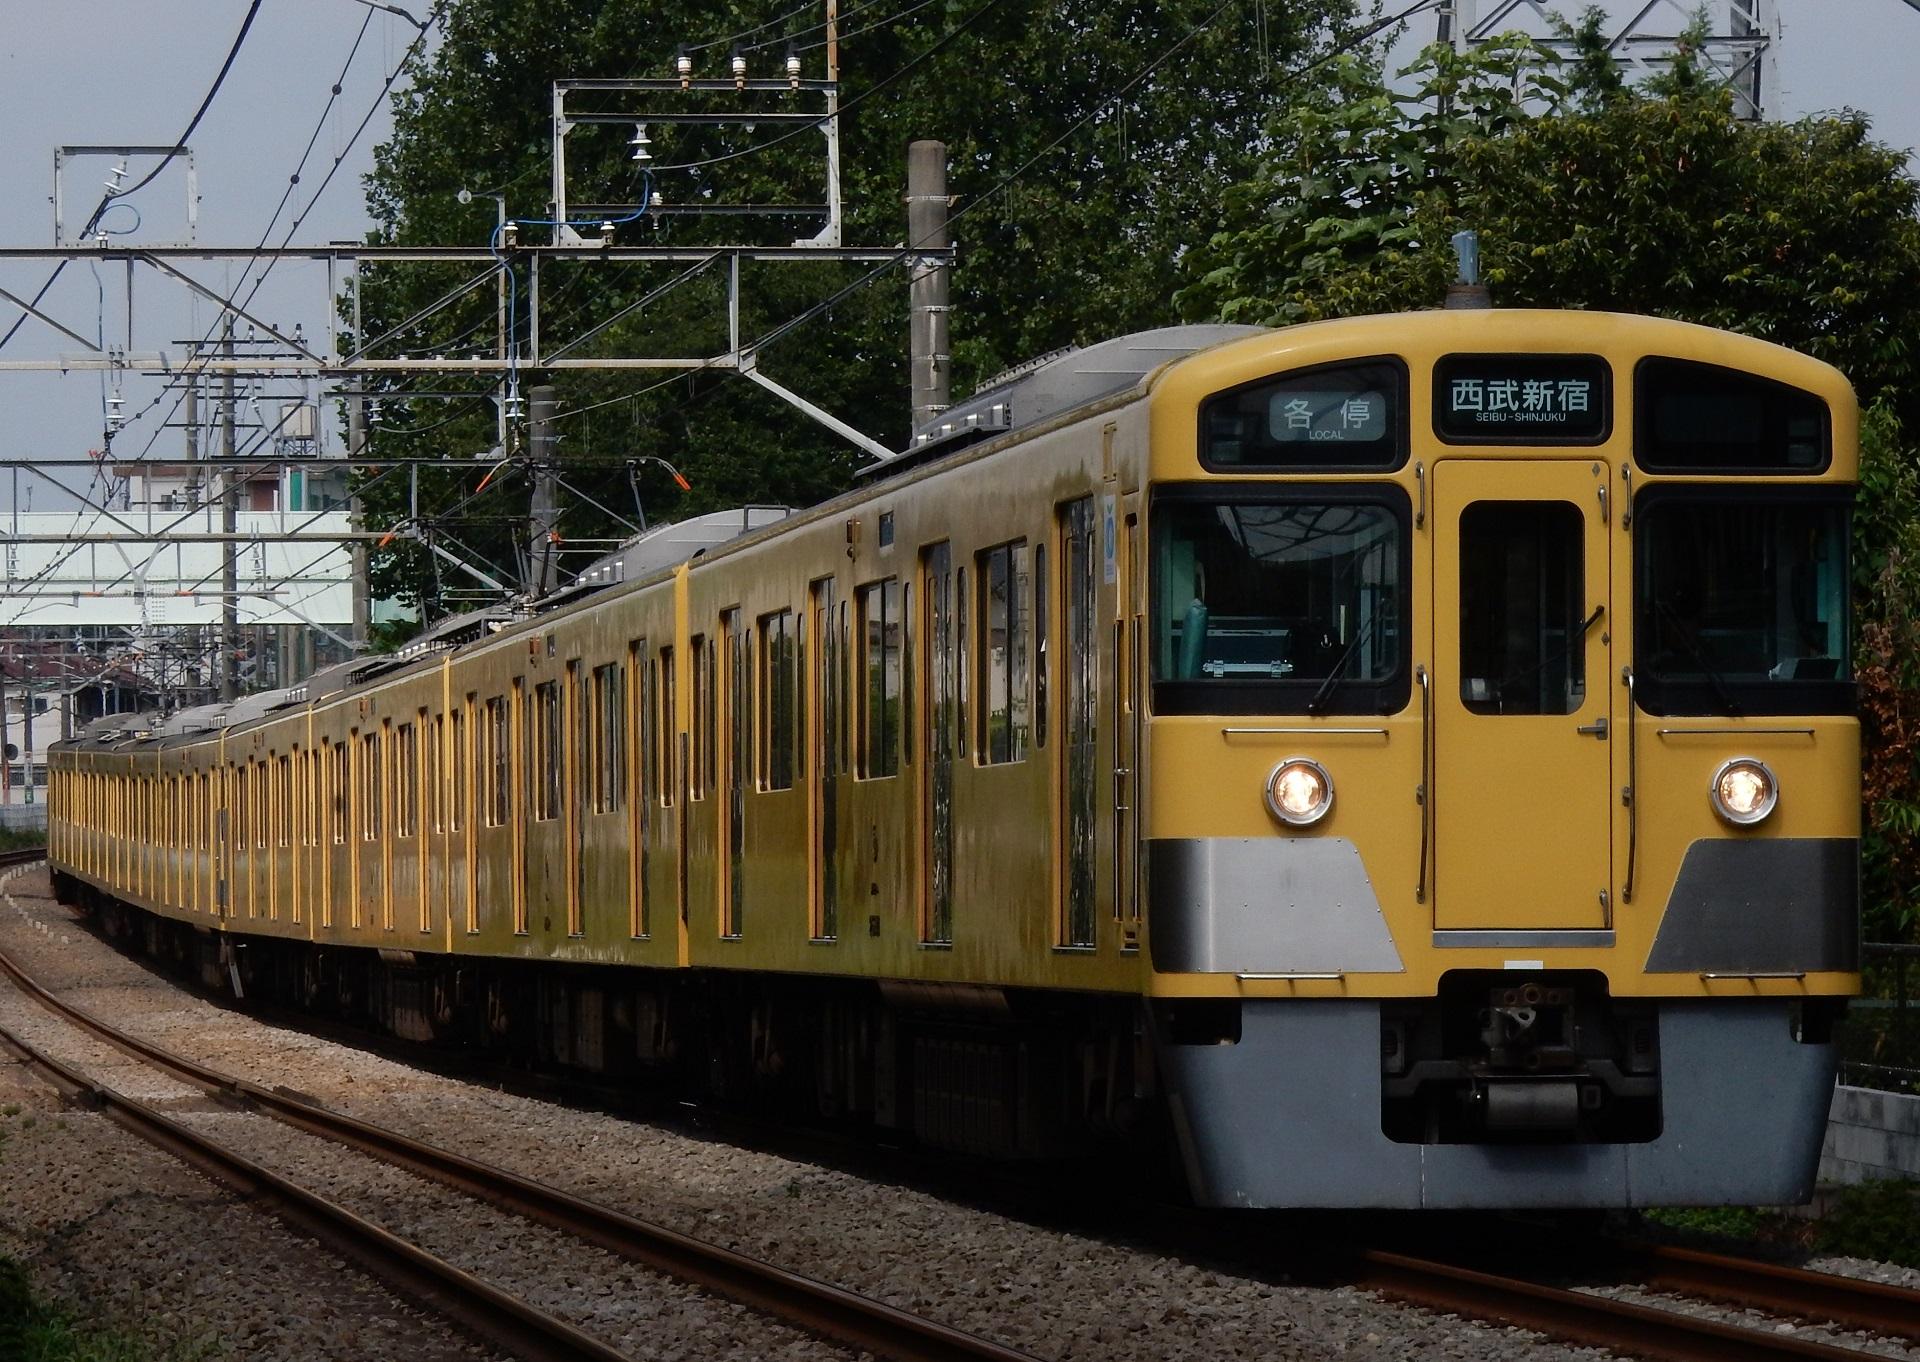 DSCN4970 - コピー